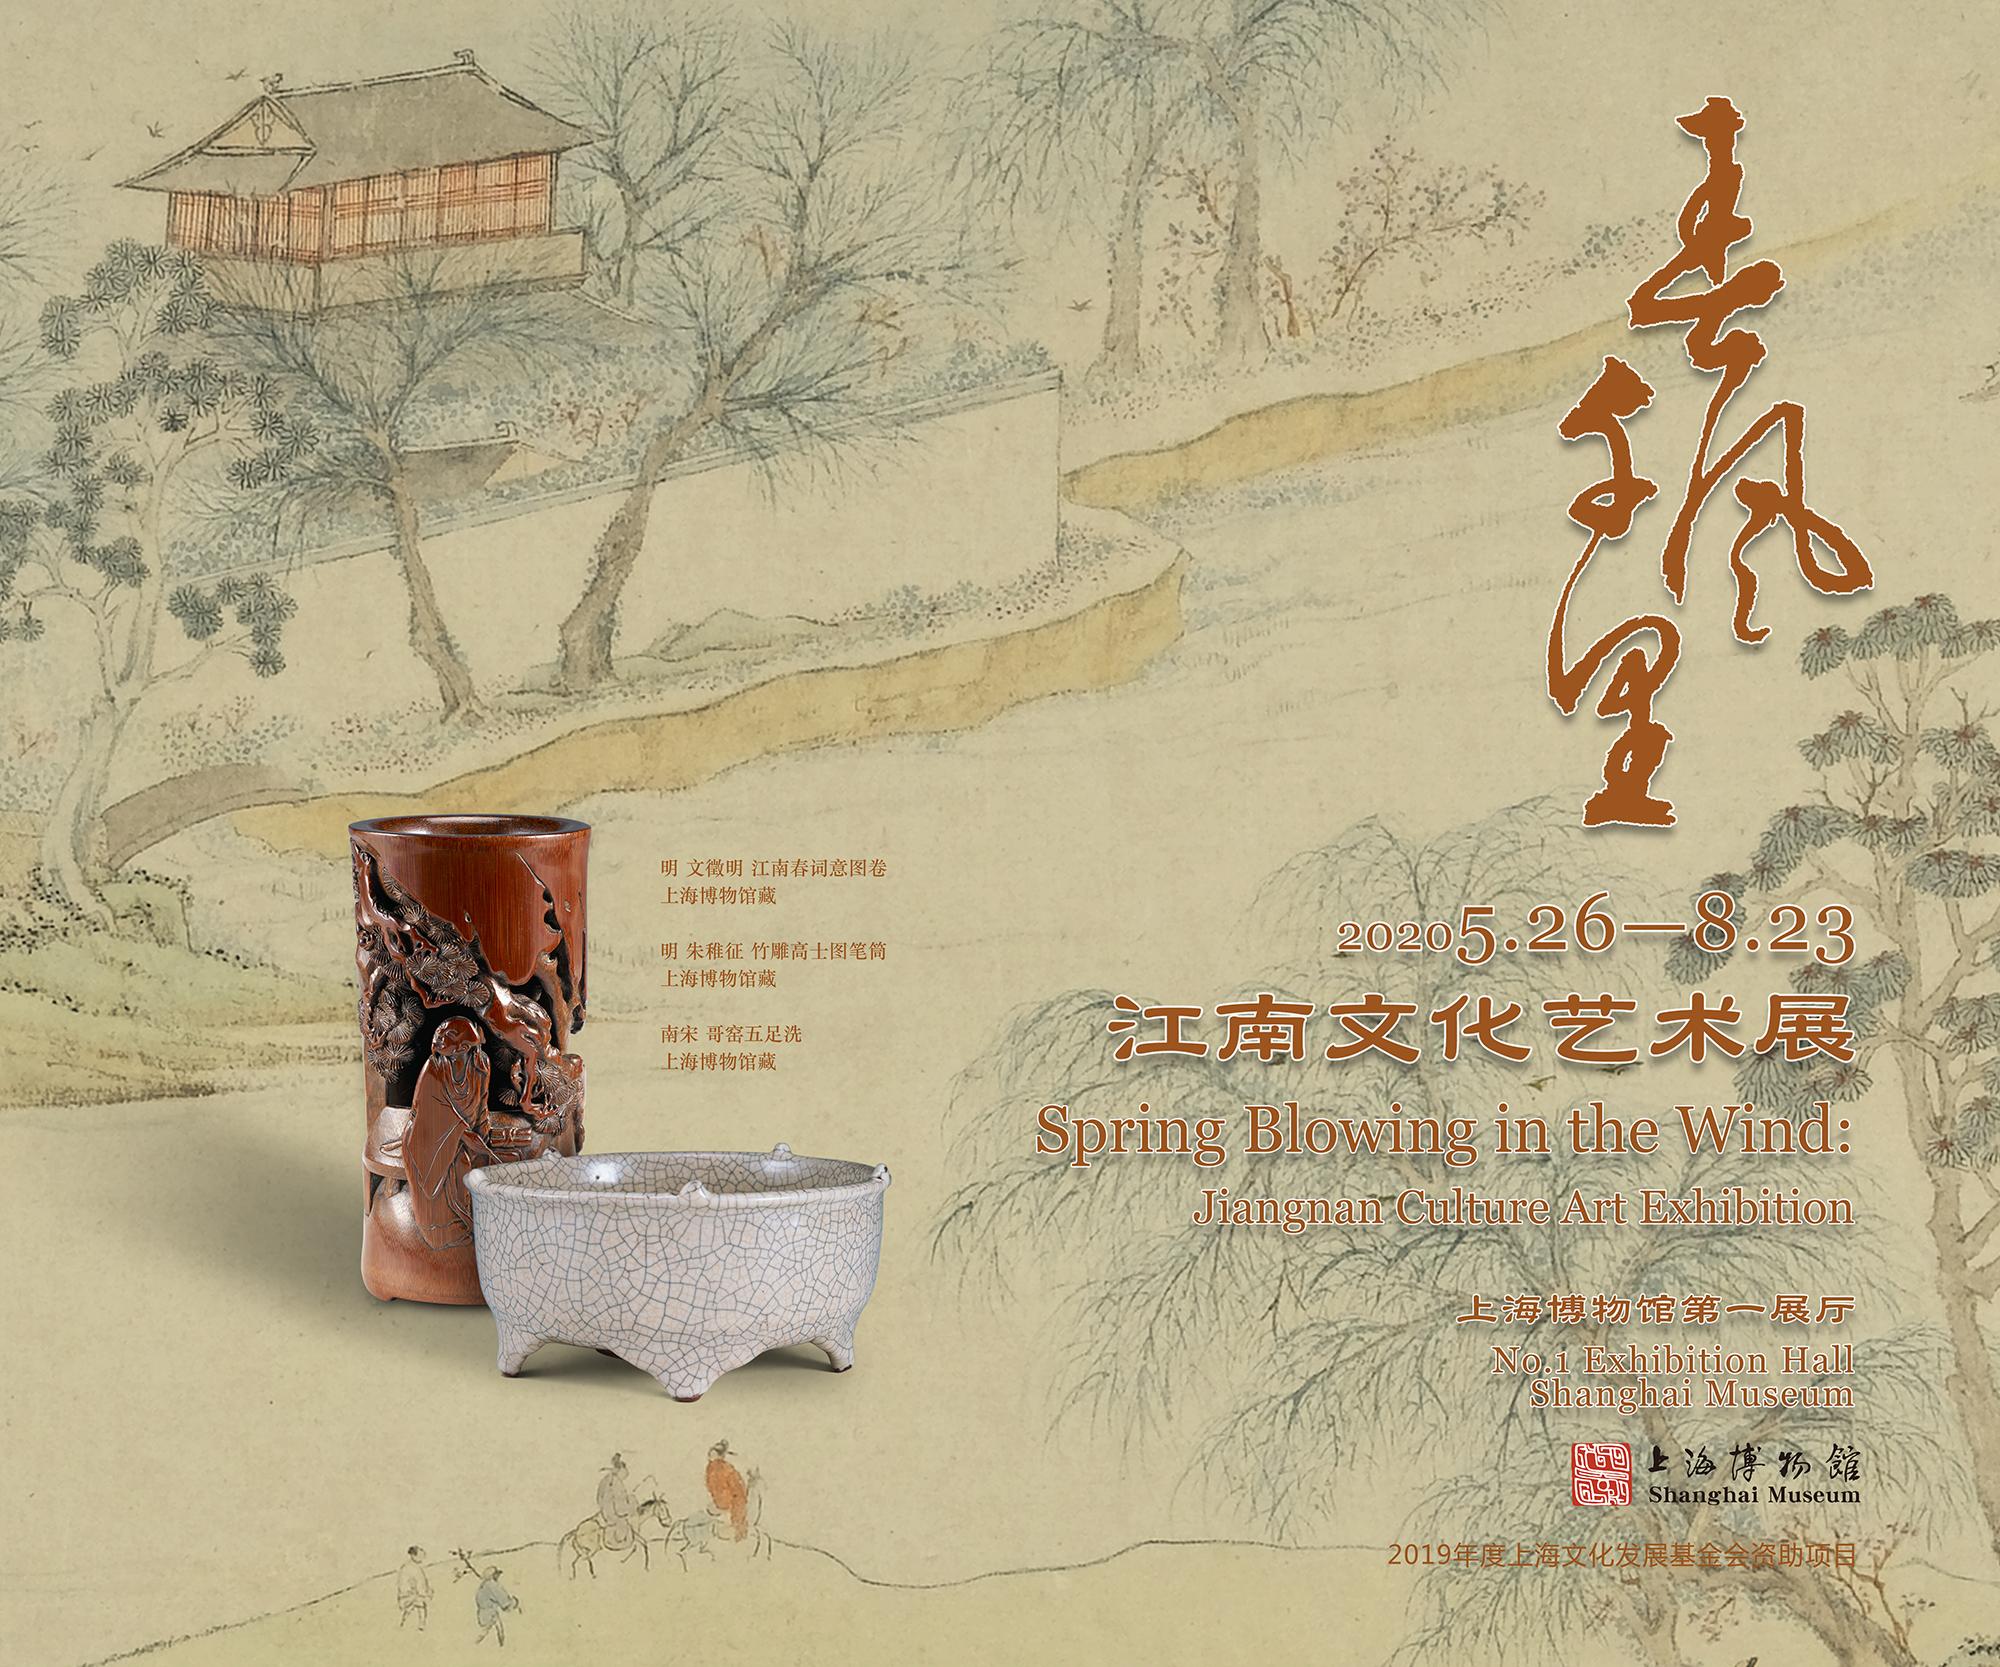 江南文化艺术展